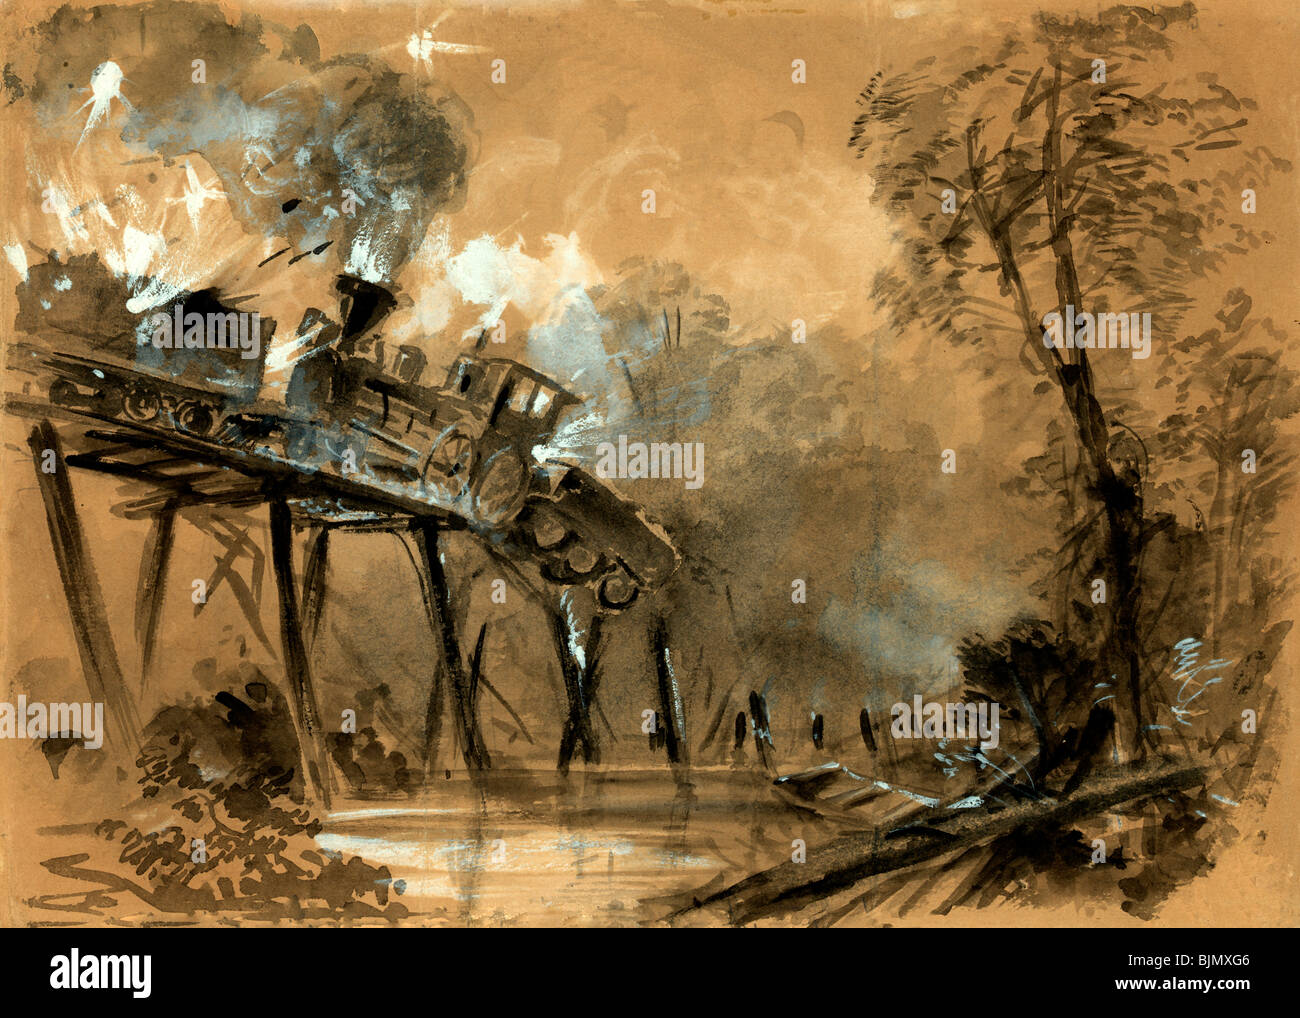 Destrucción de las locomotoras en el puente sobre el río Chickahominy, Virginia durante la Guerra Civil Imagen De Stock